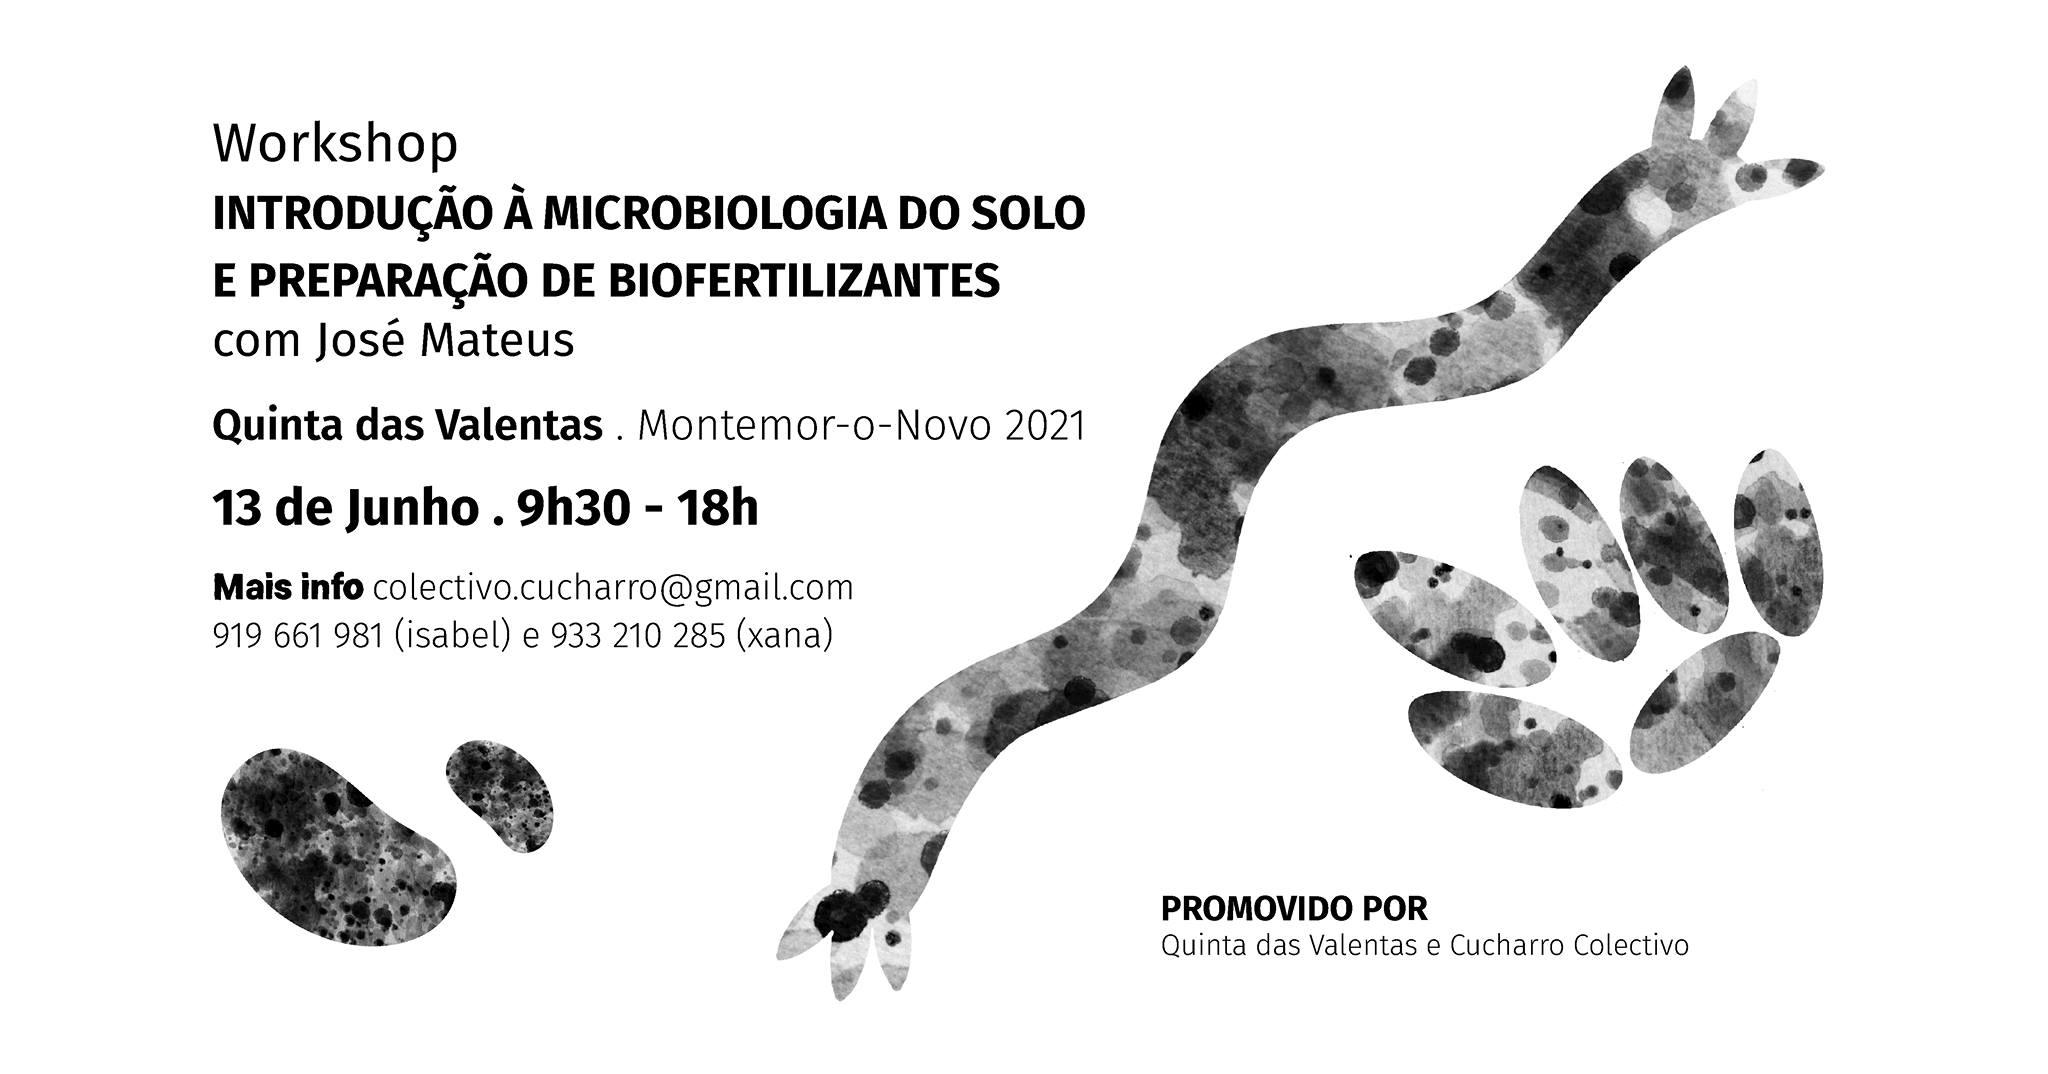 INTRODUÇÃO À MICROBIOLOGIA DO SOLO E PREPARAÇÃO DE BIOFERTILIZANTES